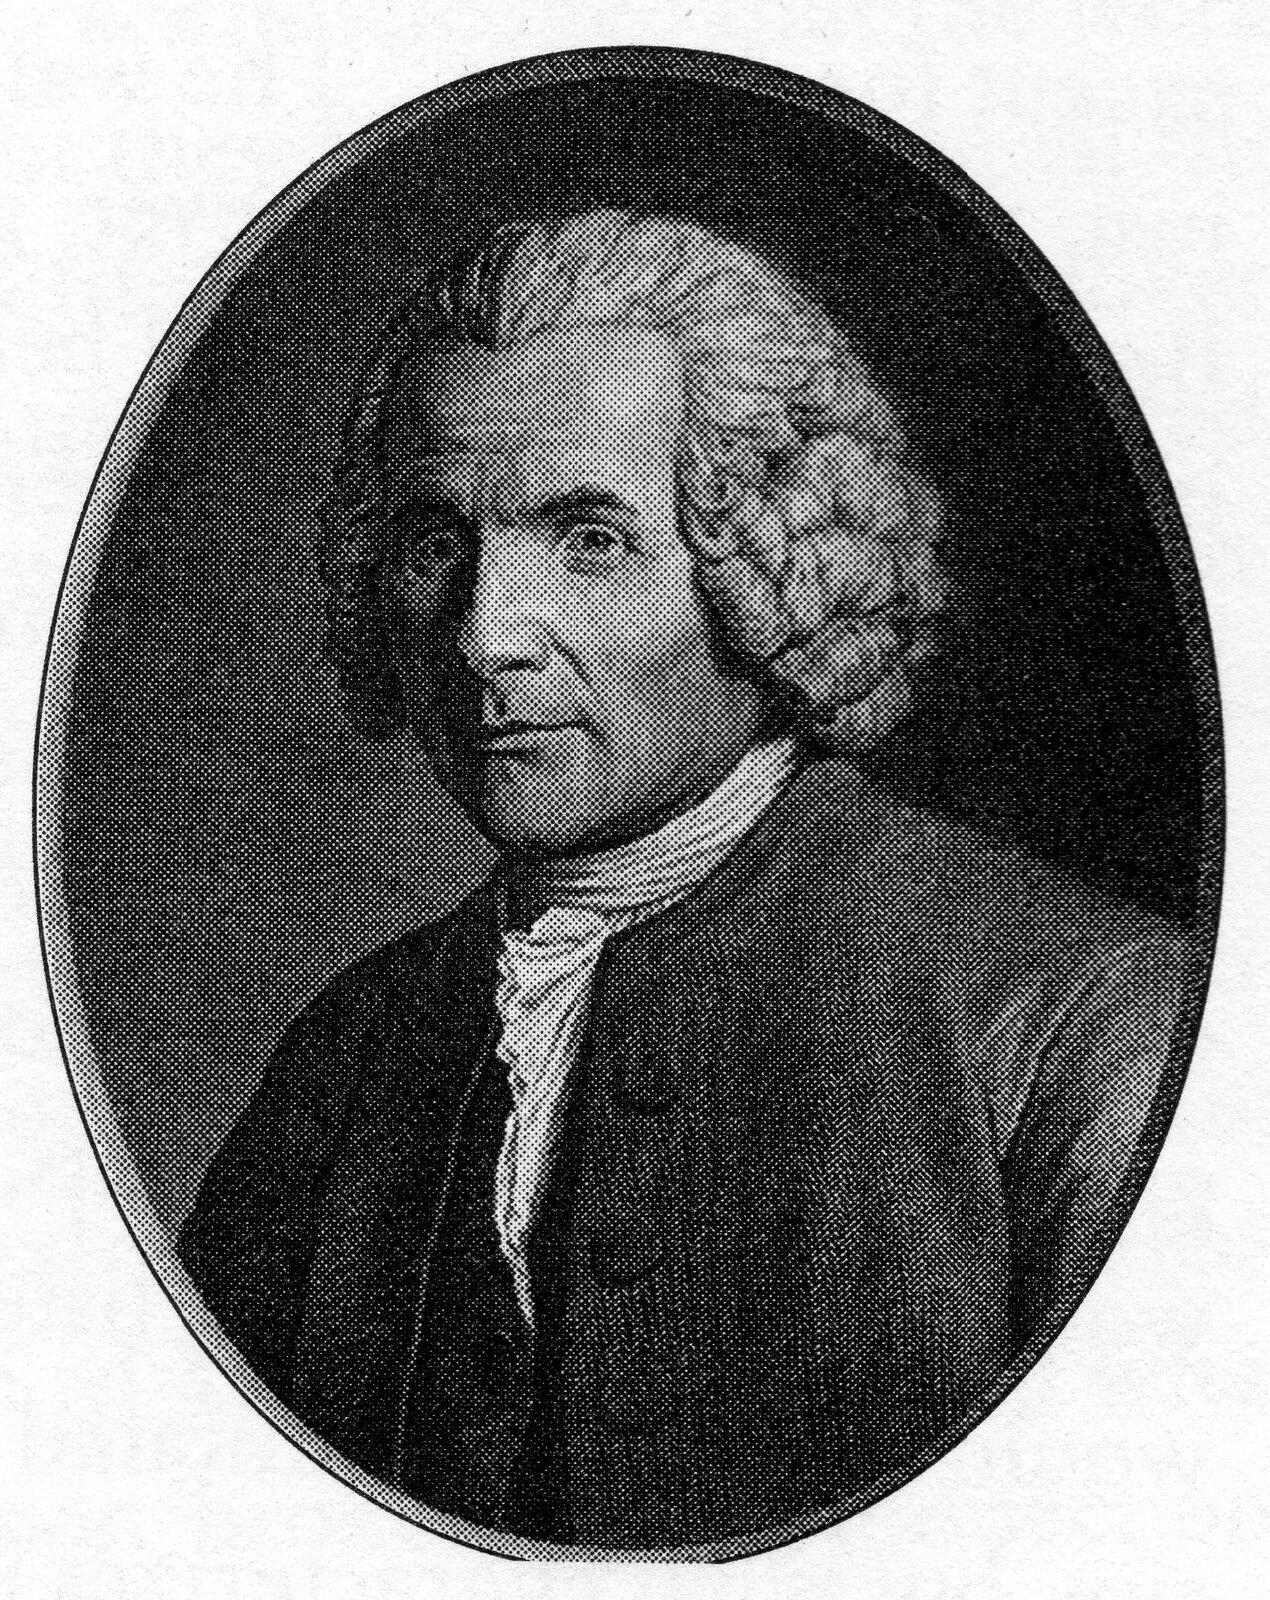 Angelique Briceau, Portret Jeana-Jacquesa Rousseau Jean-Jacques Rousseau – portret pisarza wangielskim wydaniu jego dzieł Źródło: Angelique Briceau, Portret Jeana-Jacquesa Rousseau.